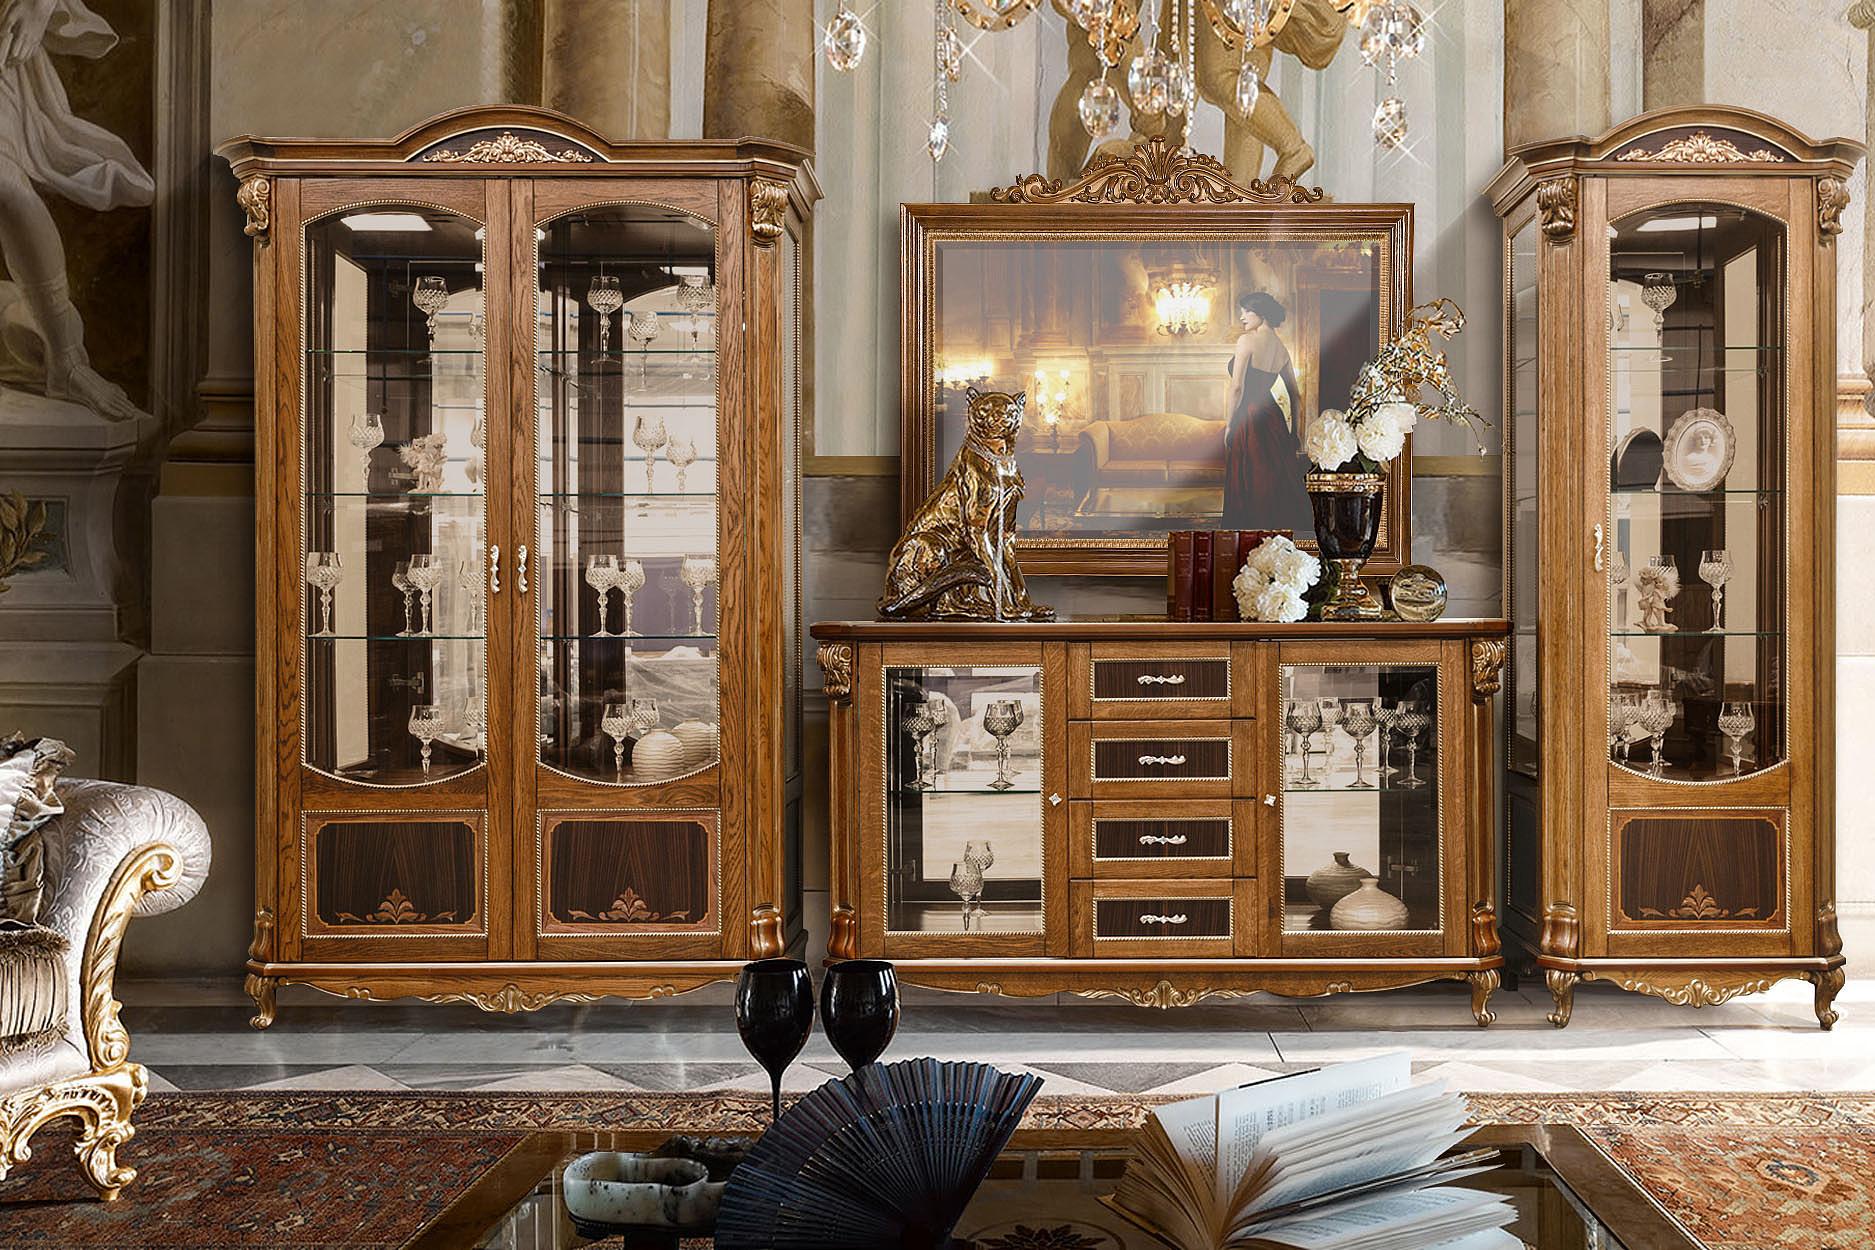 лучшей мебель в гостиную под старину фото может показать точный